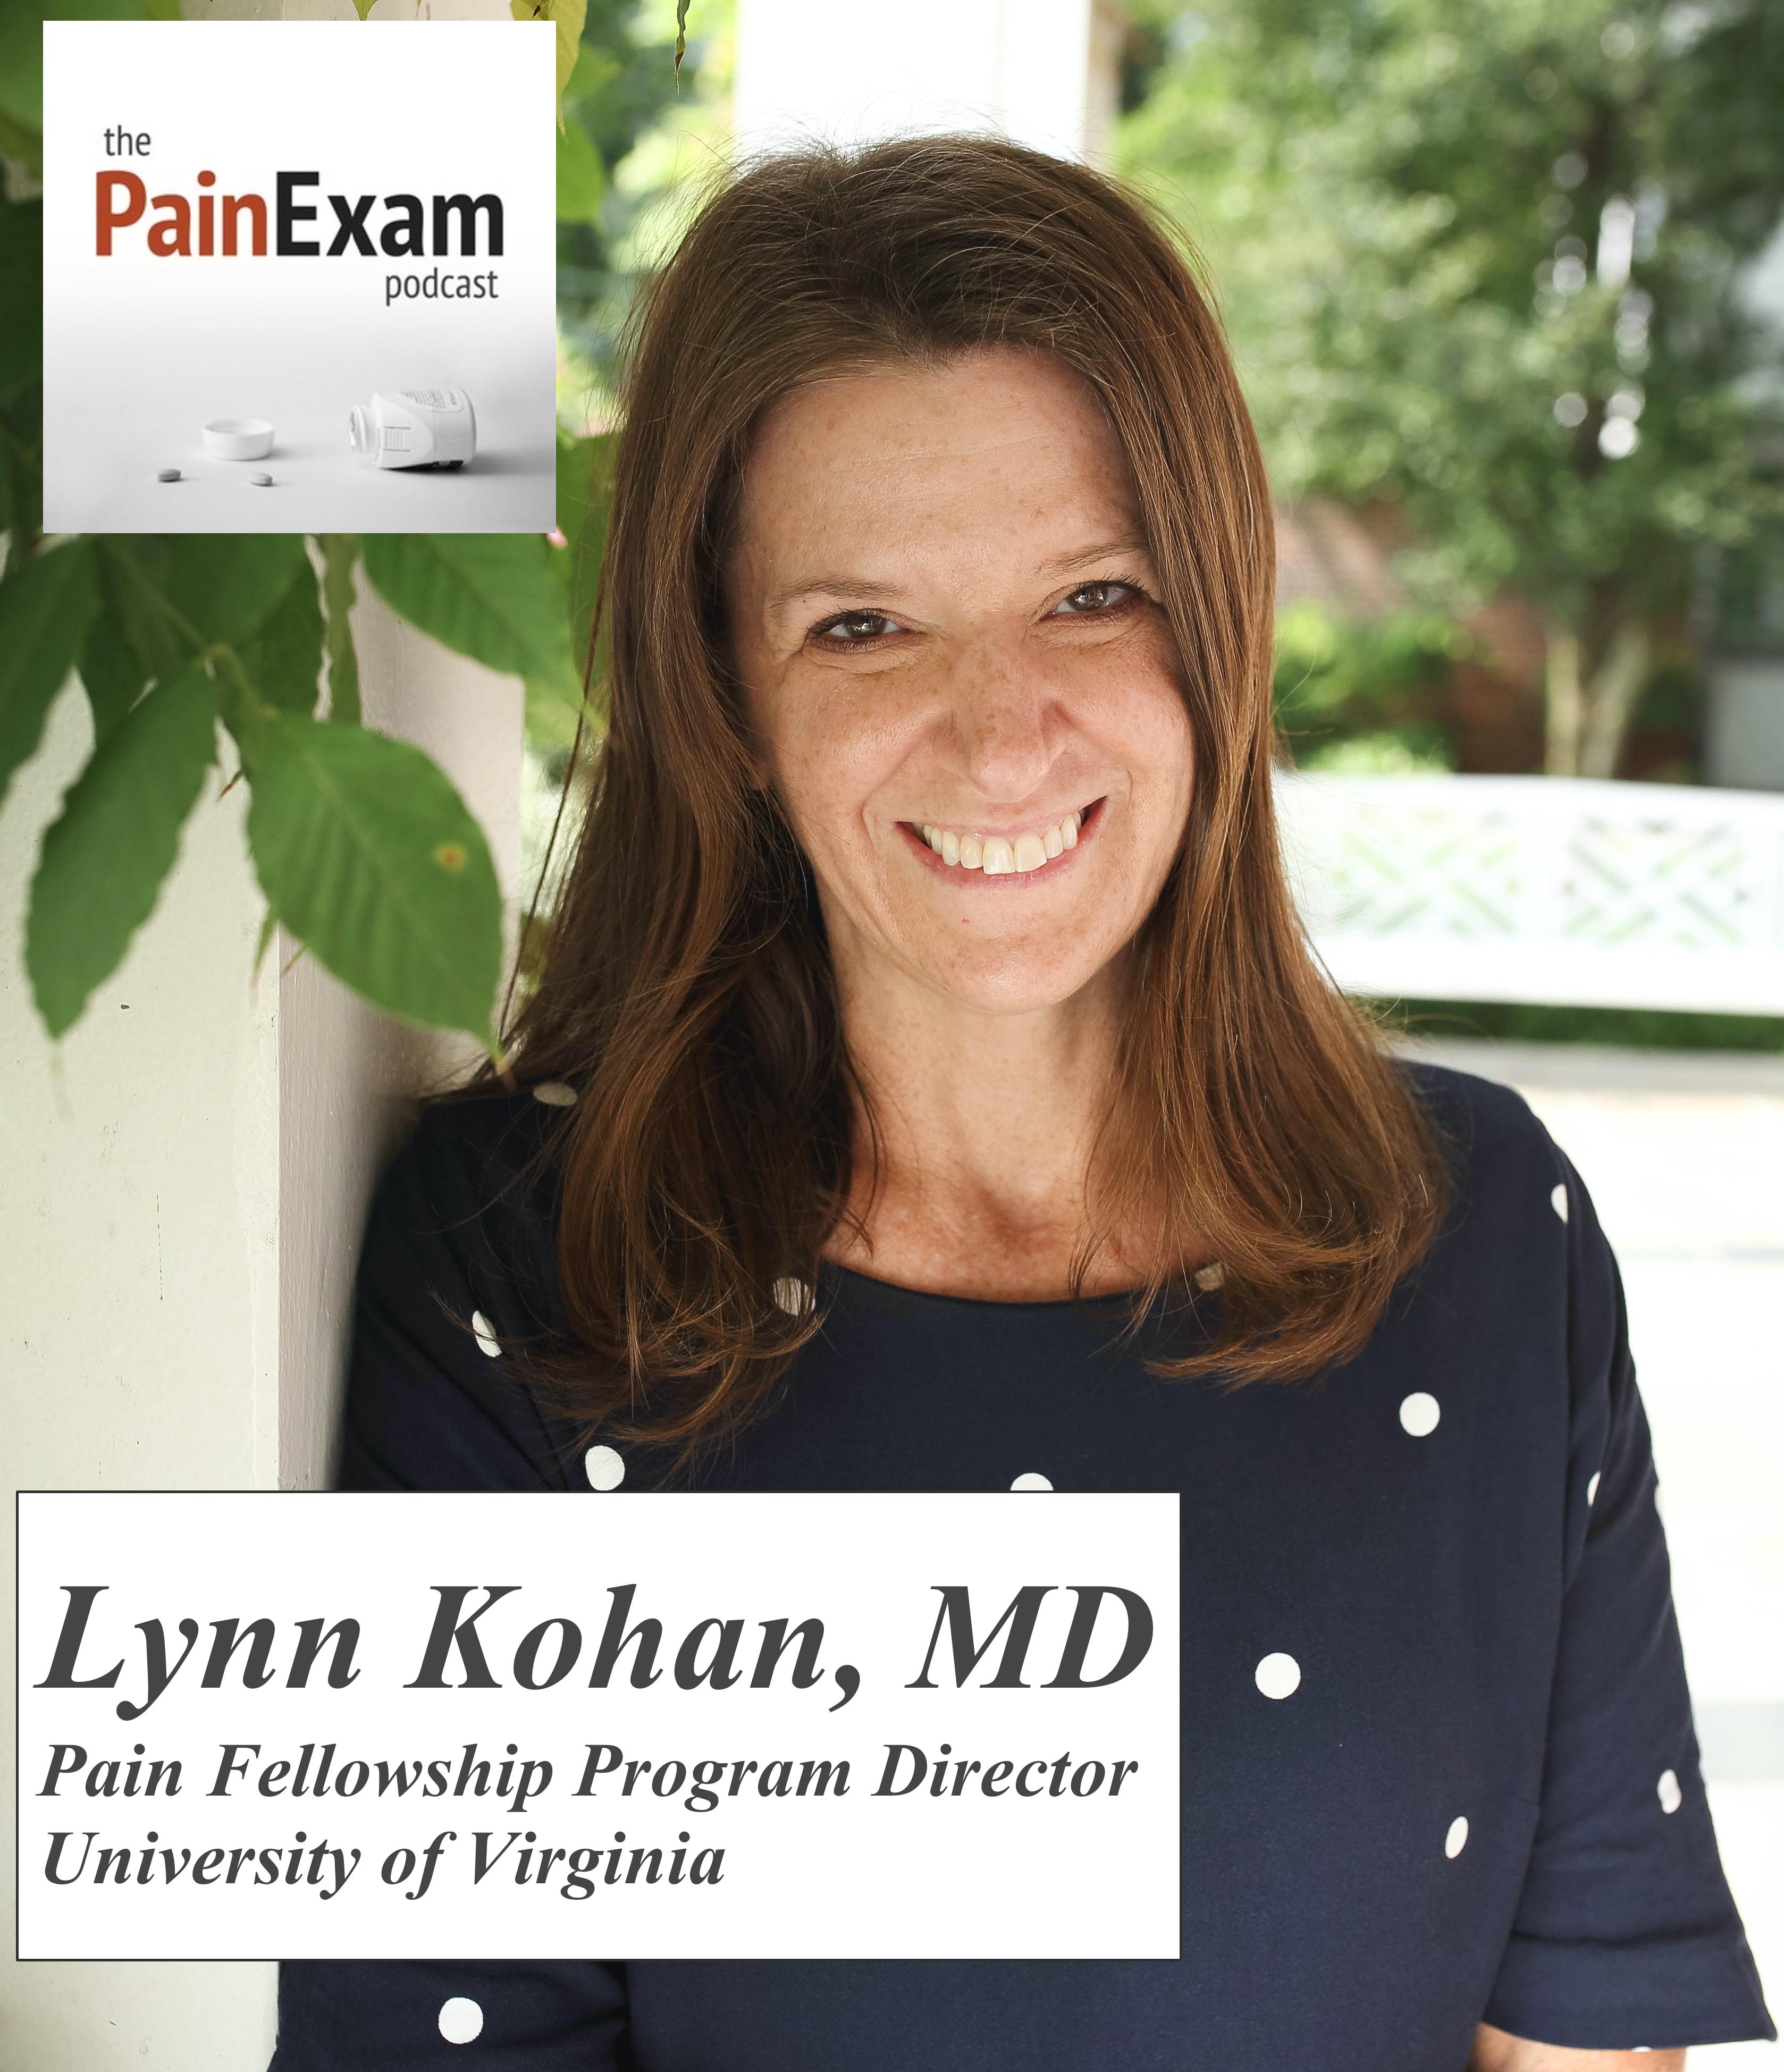 Lynn Kohan, MD